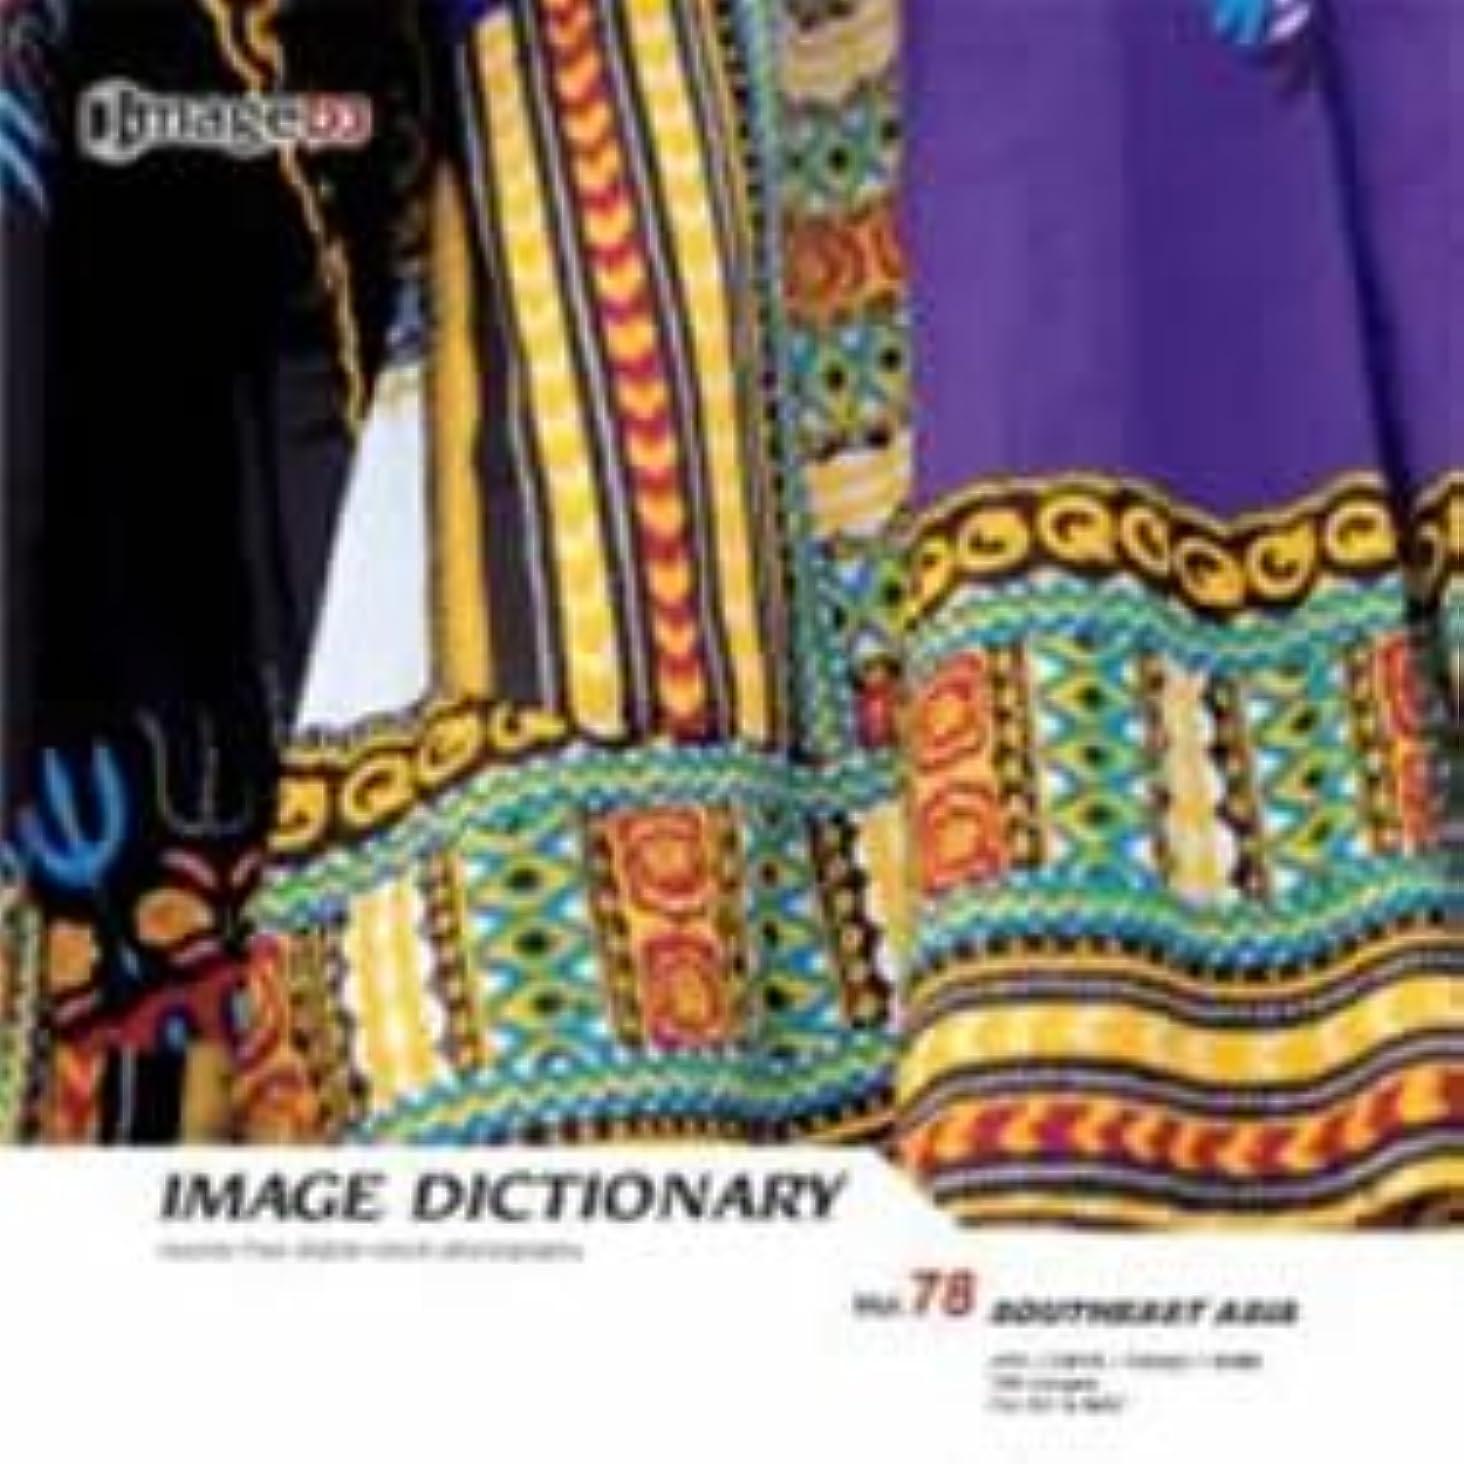 野心的基礎容疑者イメージ ディクショナリー Vol.78 東南アジア